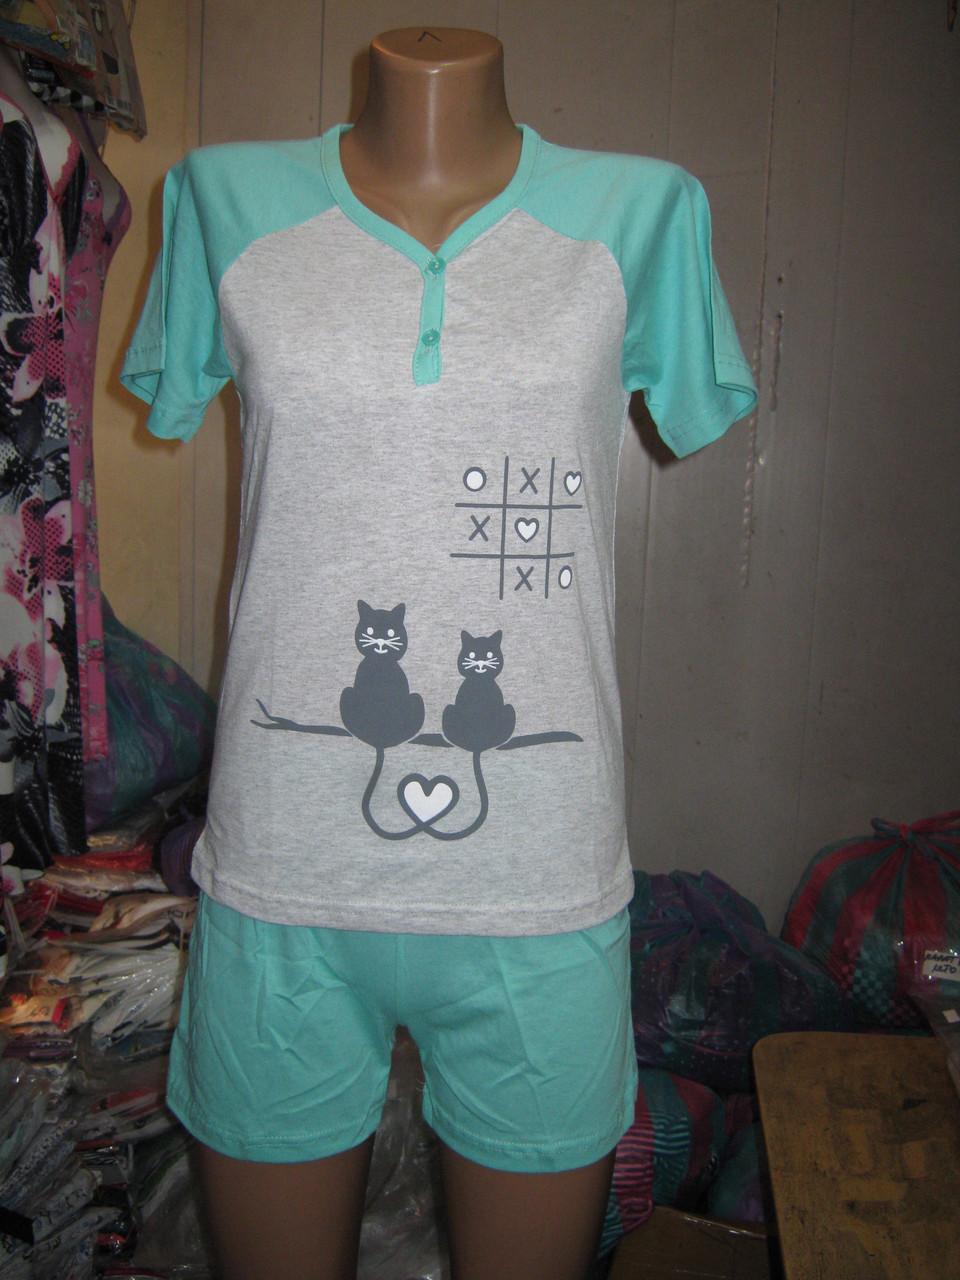 216fc4053d63 Пижама женская Blue Night Футболка и шорты Коты: продажа, цена в ...